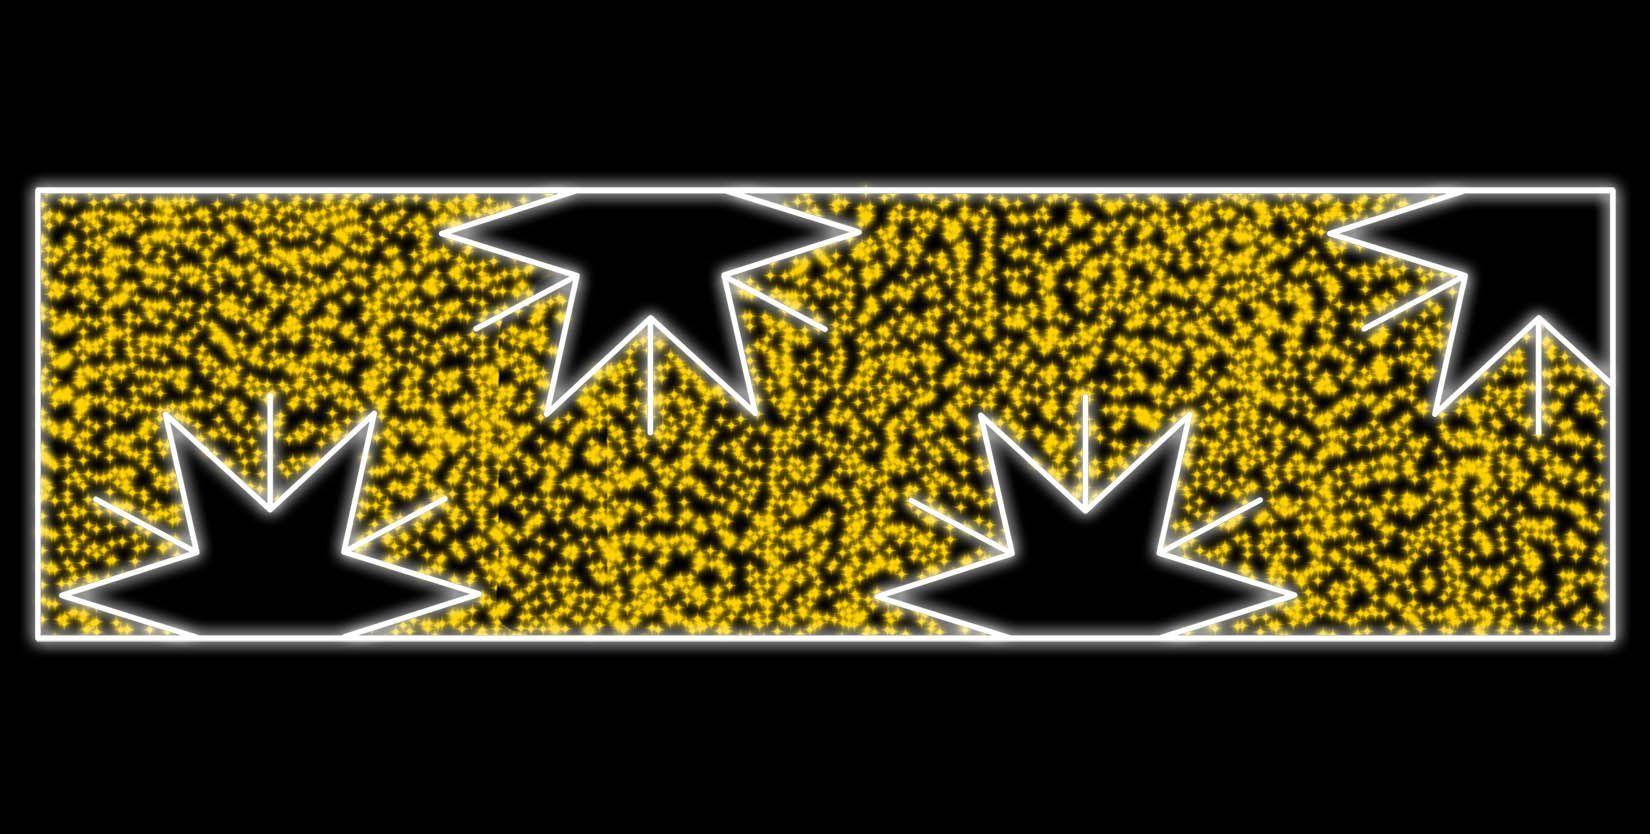 PO-026 - Decoração Metálica Iluminada Led - Painel  Estrelas Meia Face - MED 1,30 x 4,50 mts